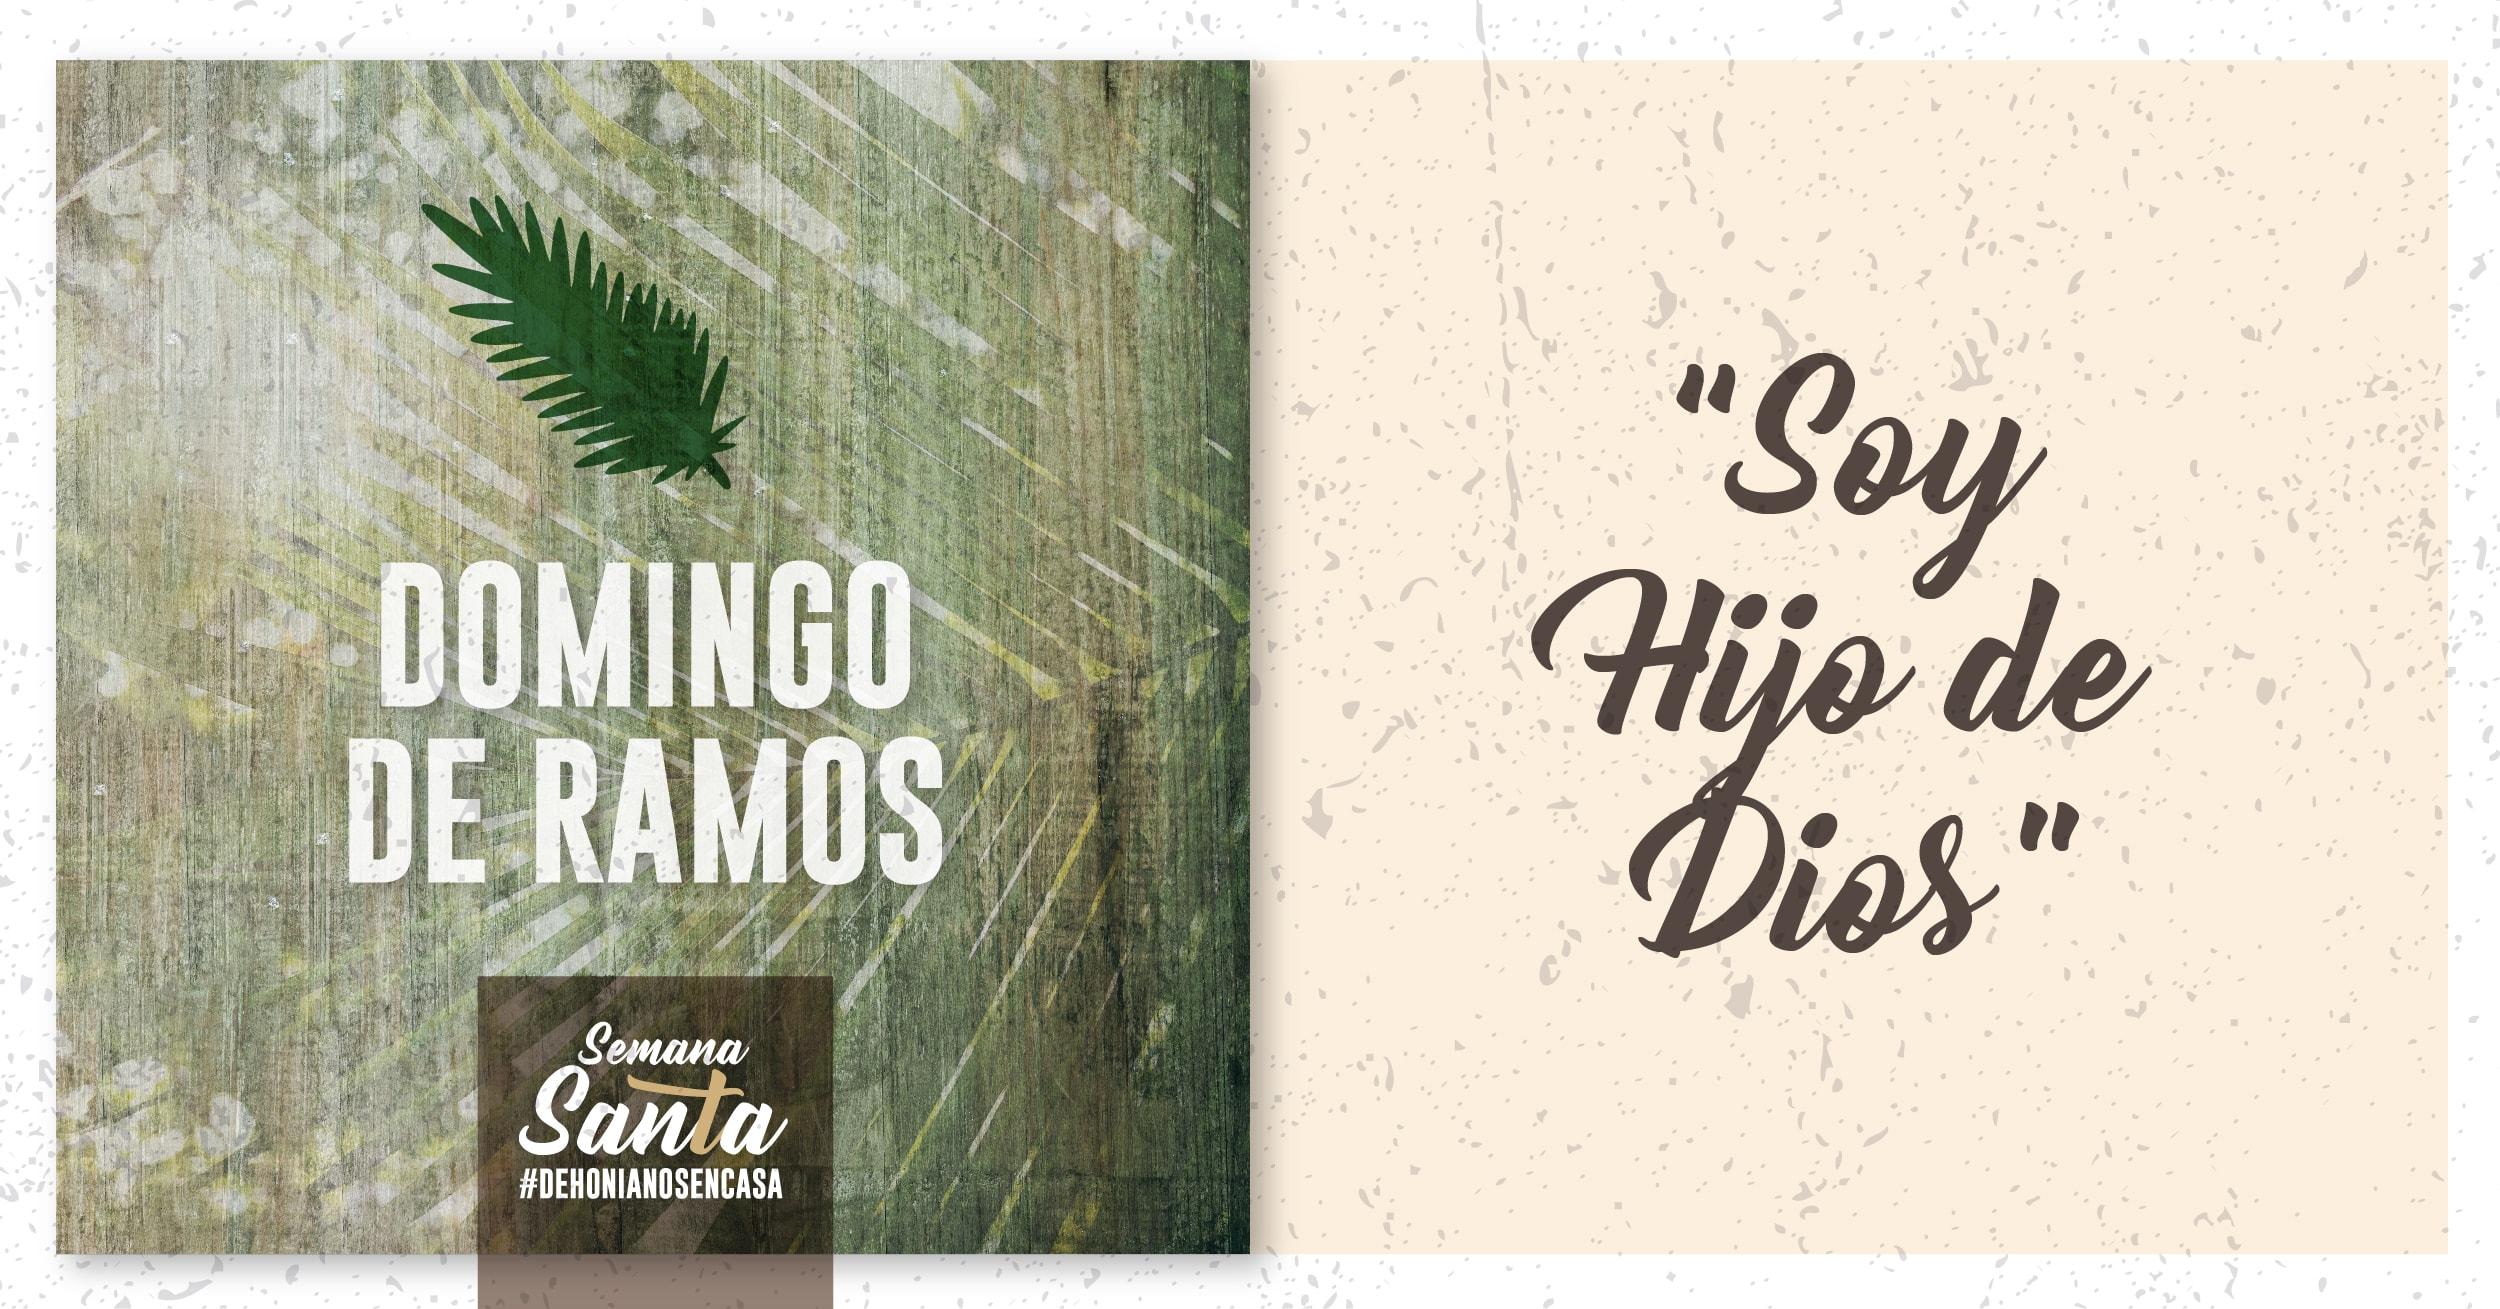 Domingo-Ramos